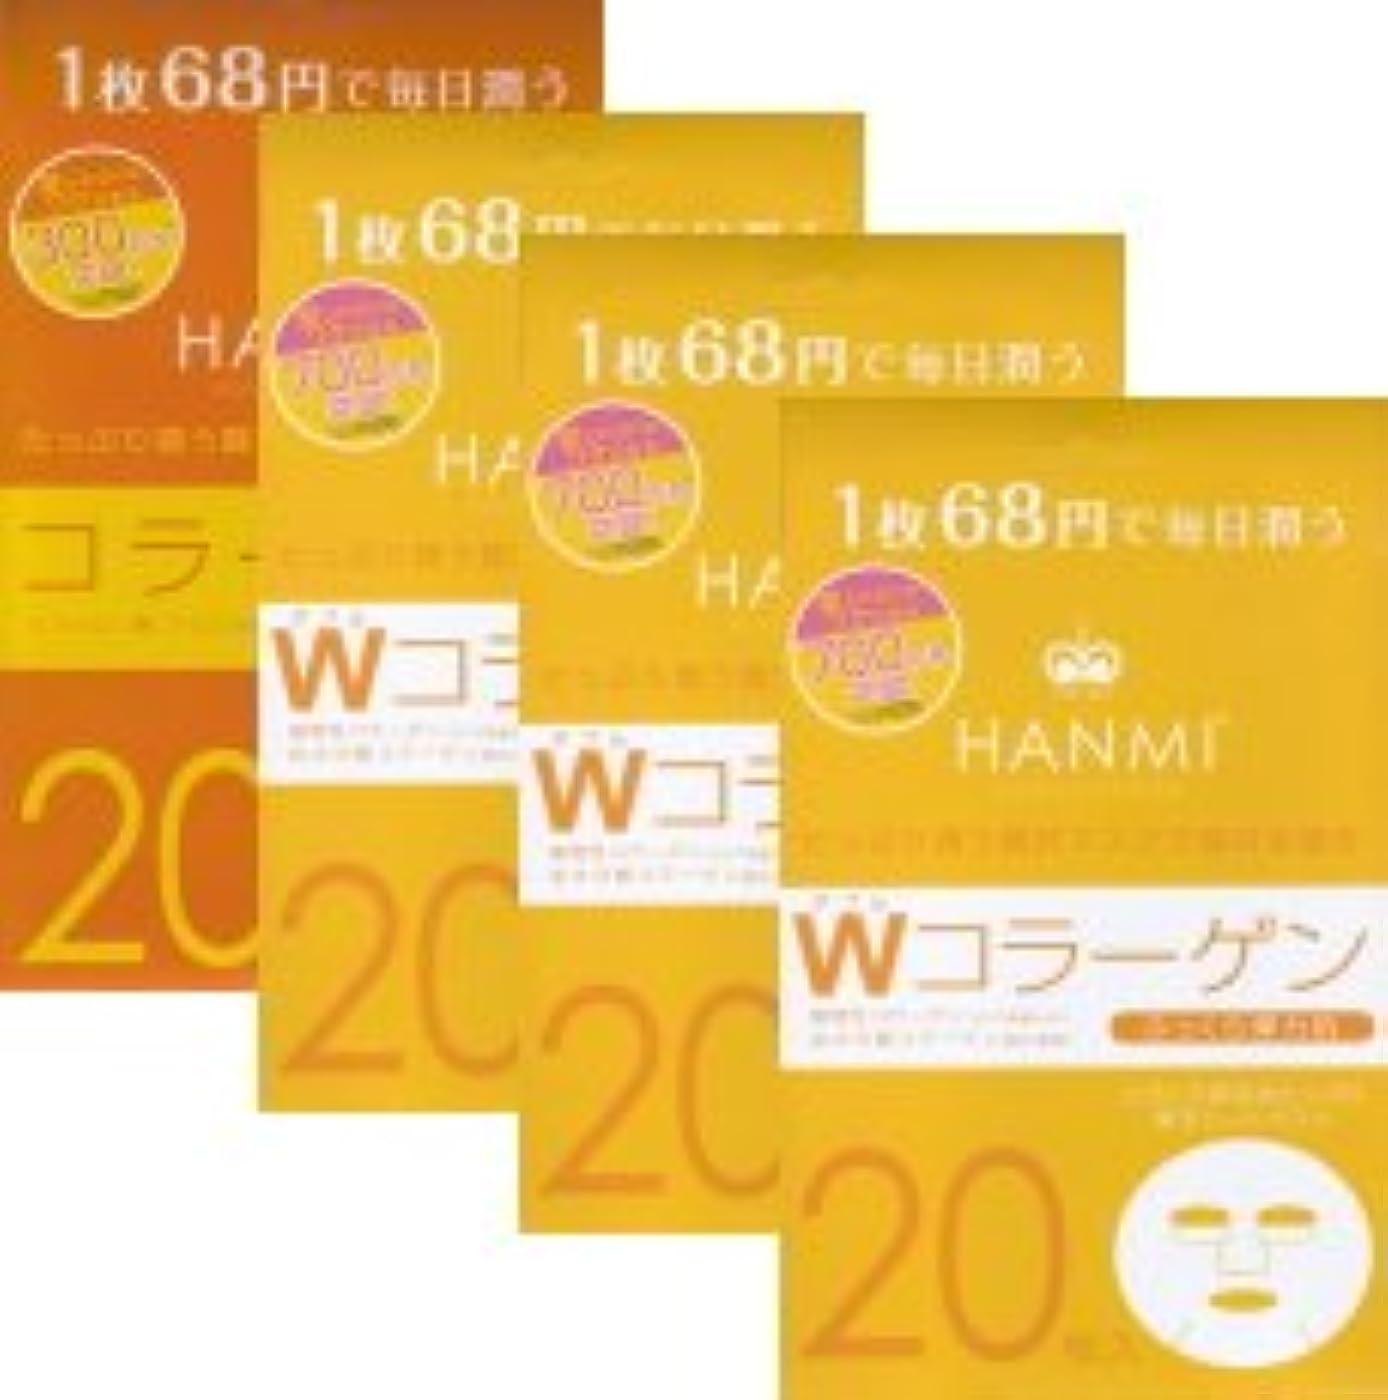 縁石絶対の作り上げるMIGAKI ハンミフェイスマスク(20枚入り)「コラーゲン×1個」「Wコラーゲン×3個」の4個セット